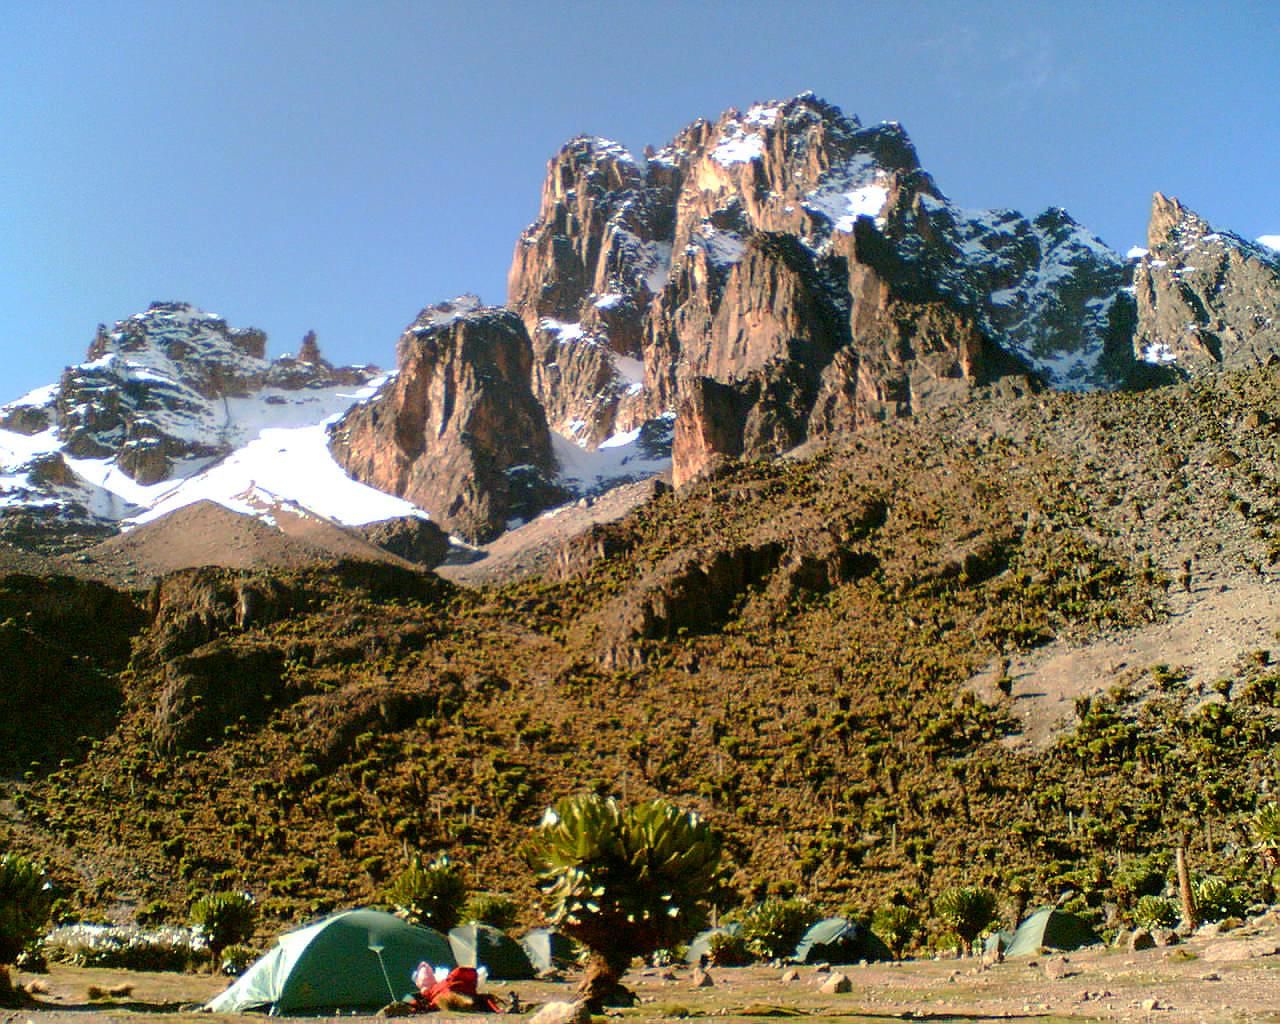 Mount Kenya - Richard Africa Mentor